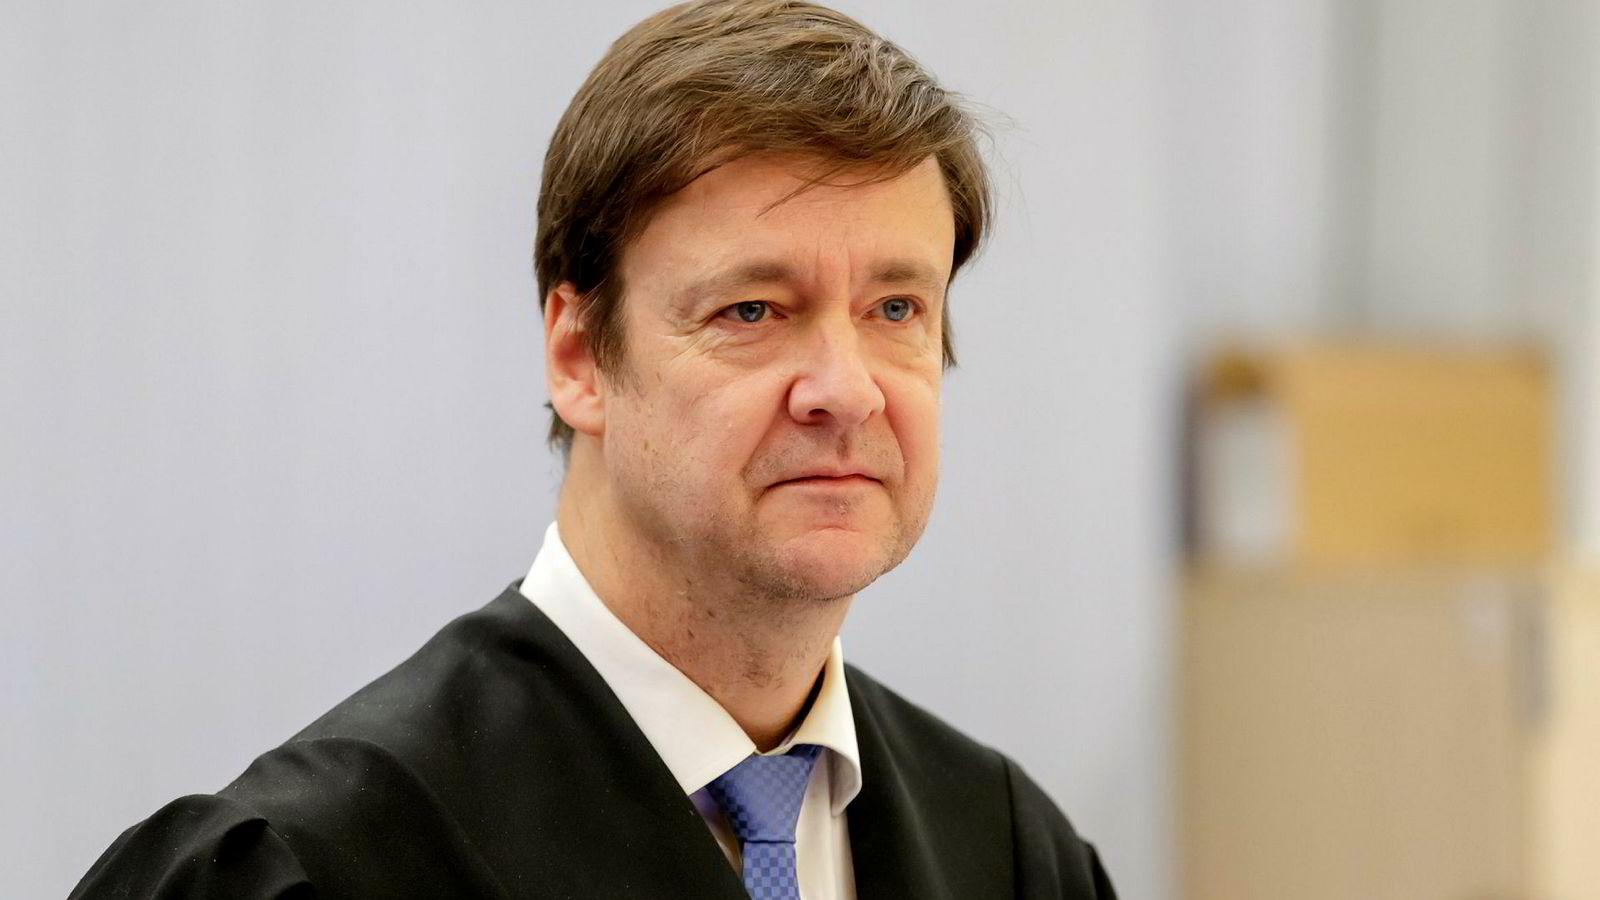 Eirik Jensens forsvarer, advokat John Christian Elden, tviler på om noen norsk domstol vil behandle hans klient rettferdig.